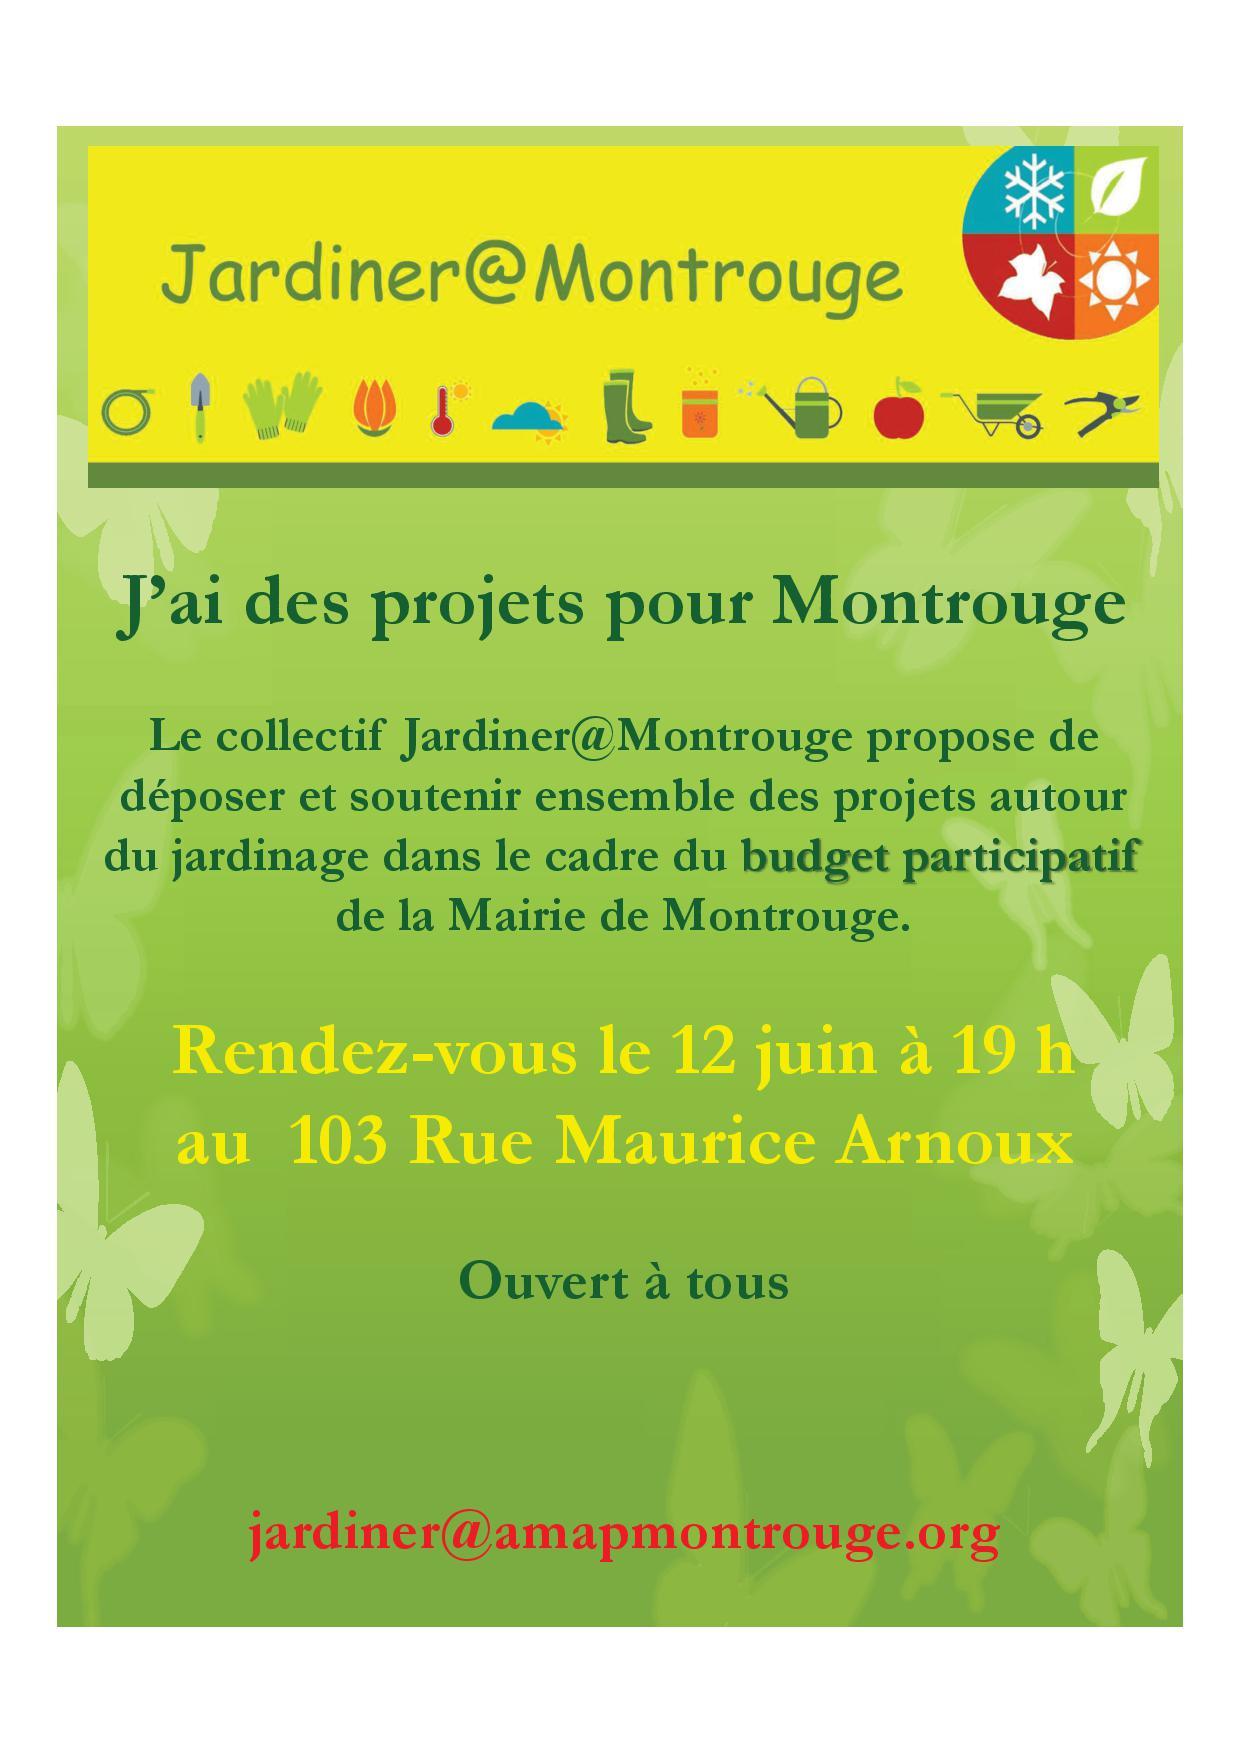 Les propositions de Jardiner à Montrouge pour le budget participatif de la Mairie